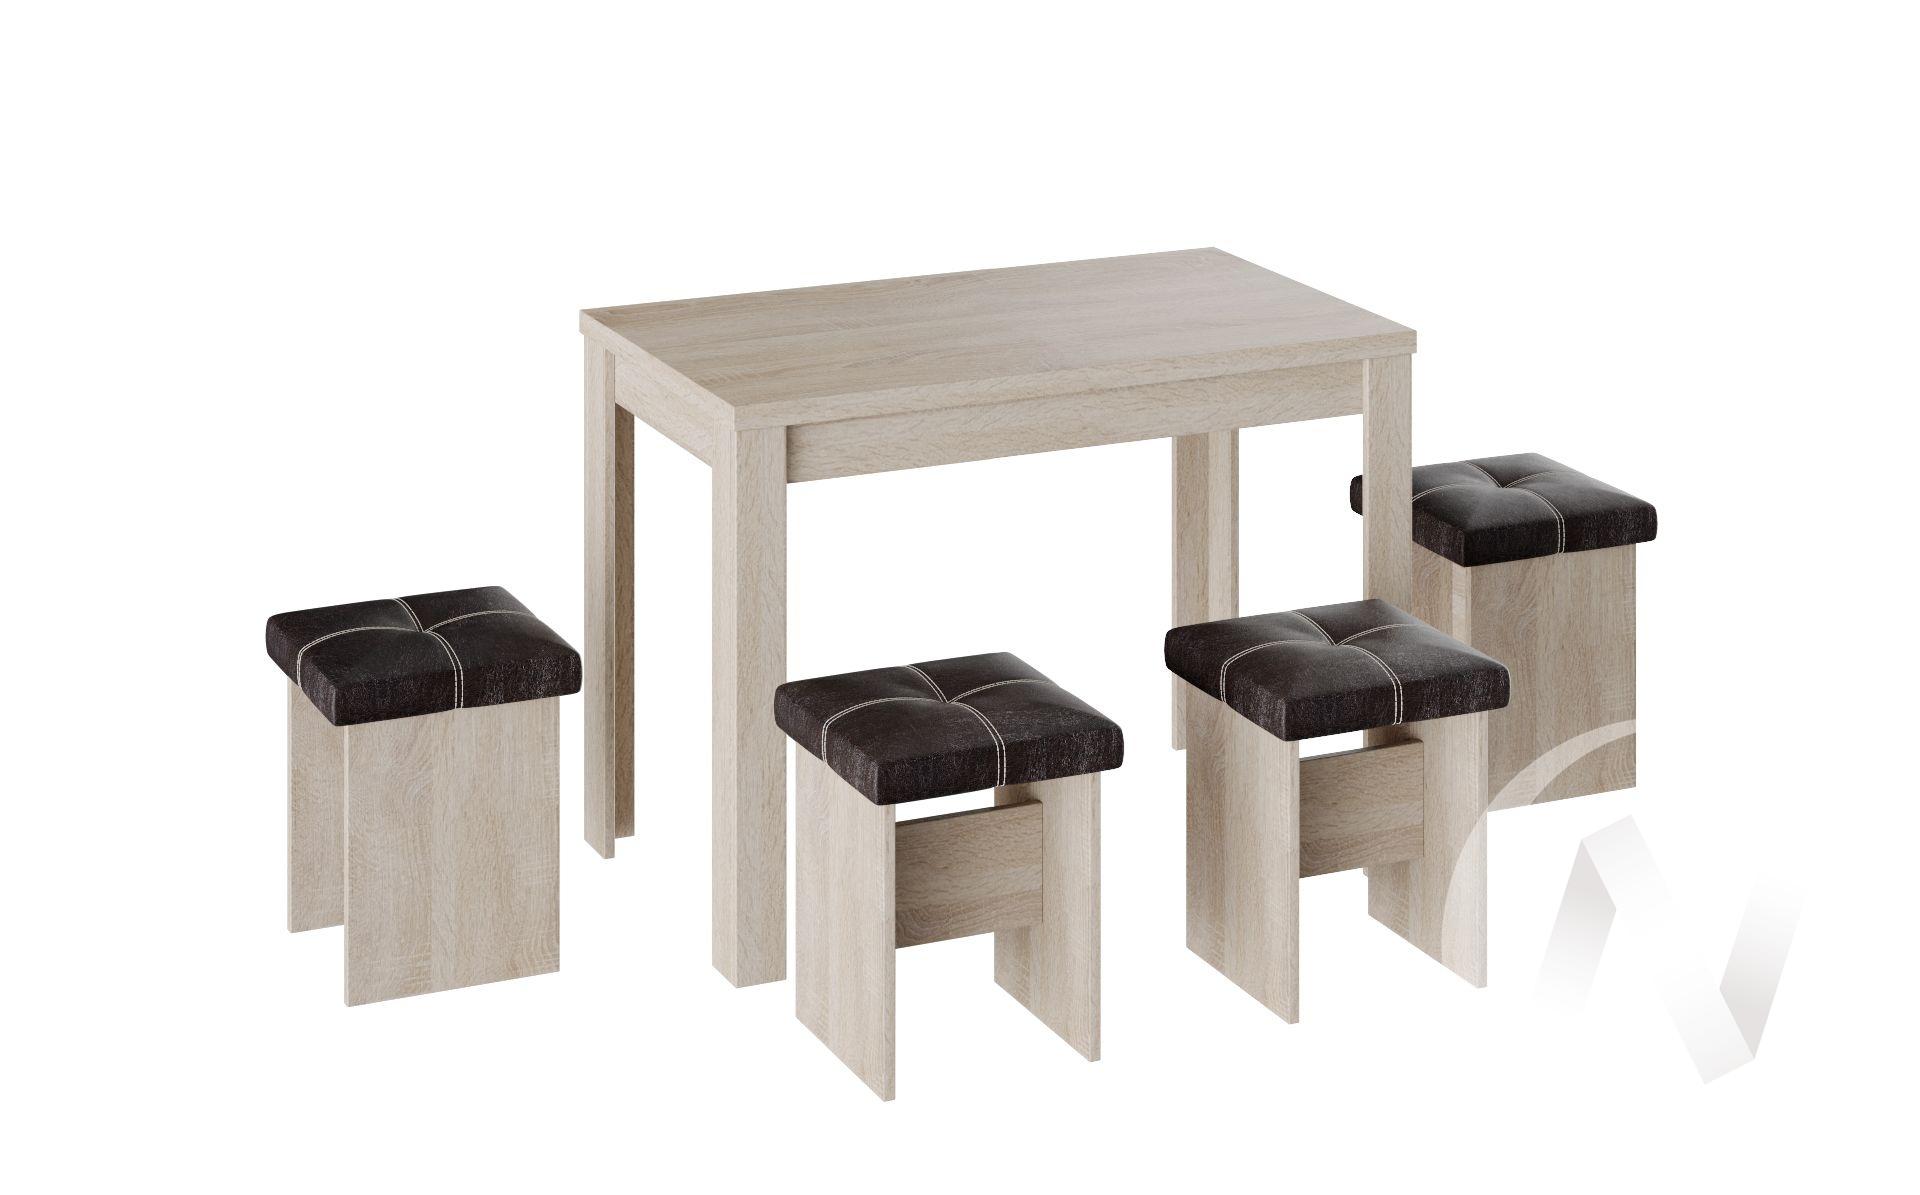 Обеденная группа тип 5 кожзам (дуб сонома/шоколад)  в Томске — интернет магазин МИРА-мебель